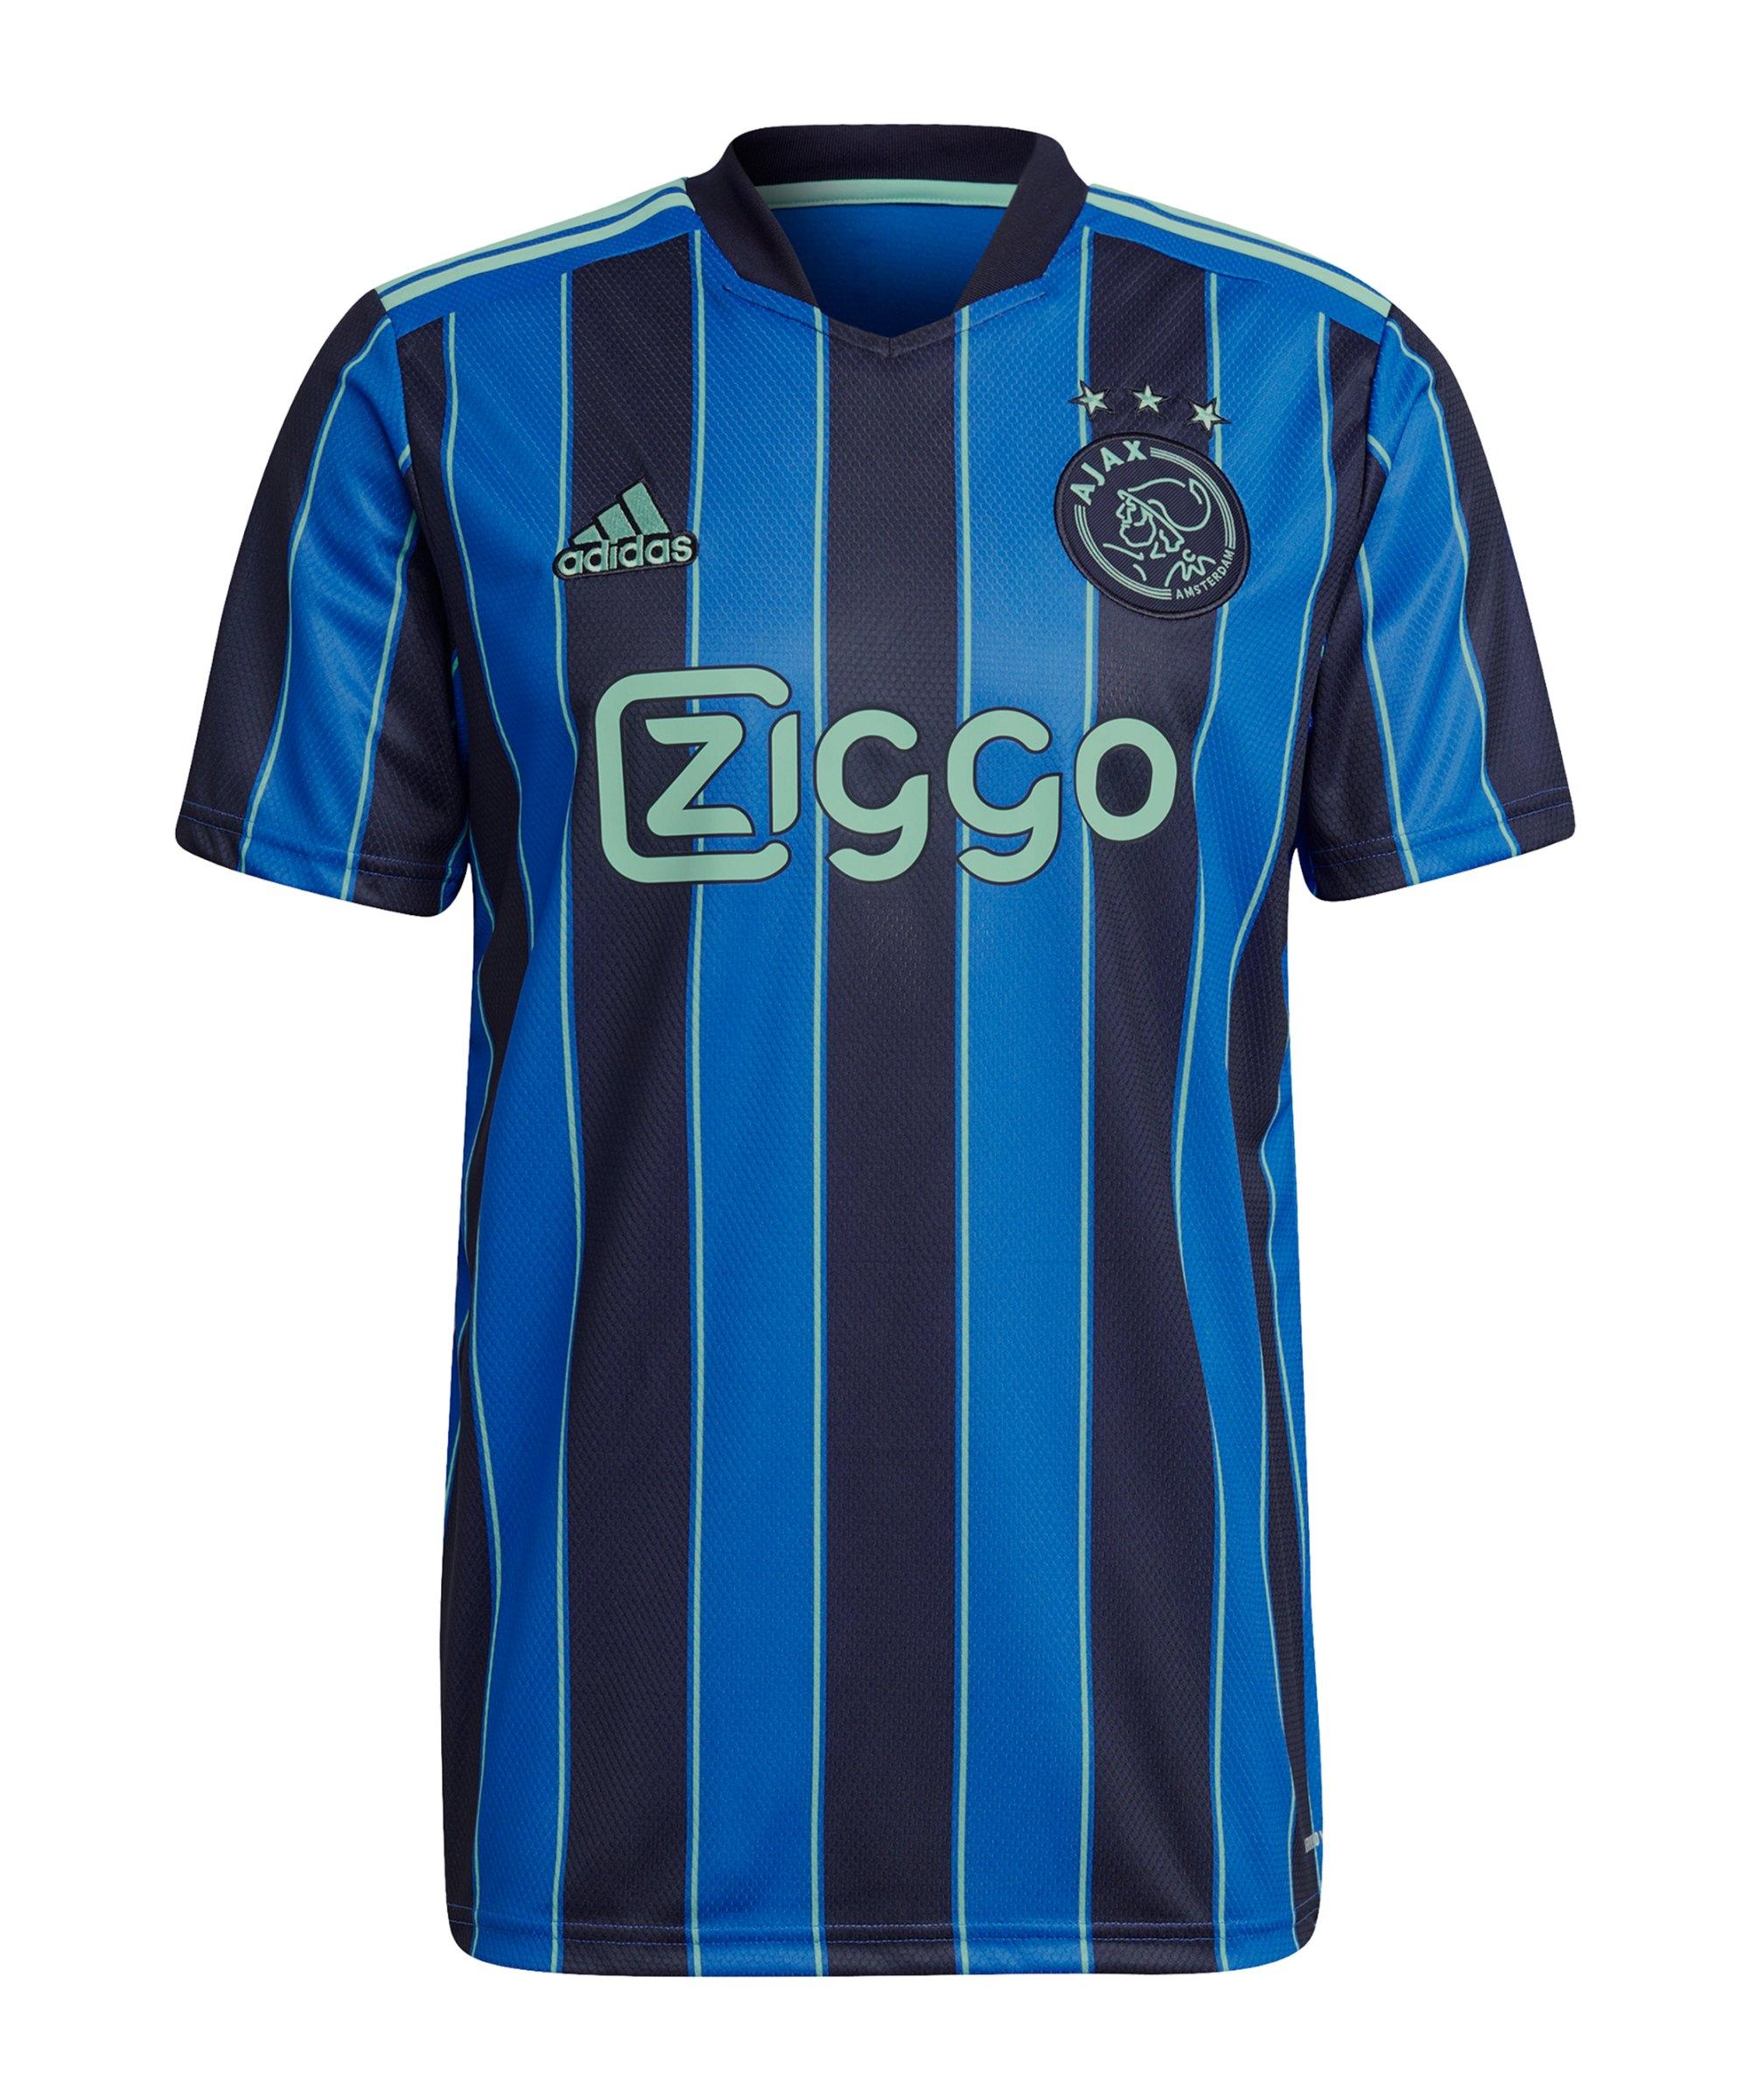 adidas Ajax Amsterdam Trikot Away 2021/2022 Blau - blau